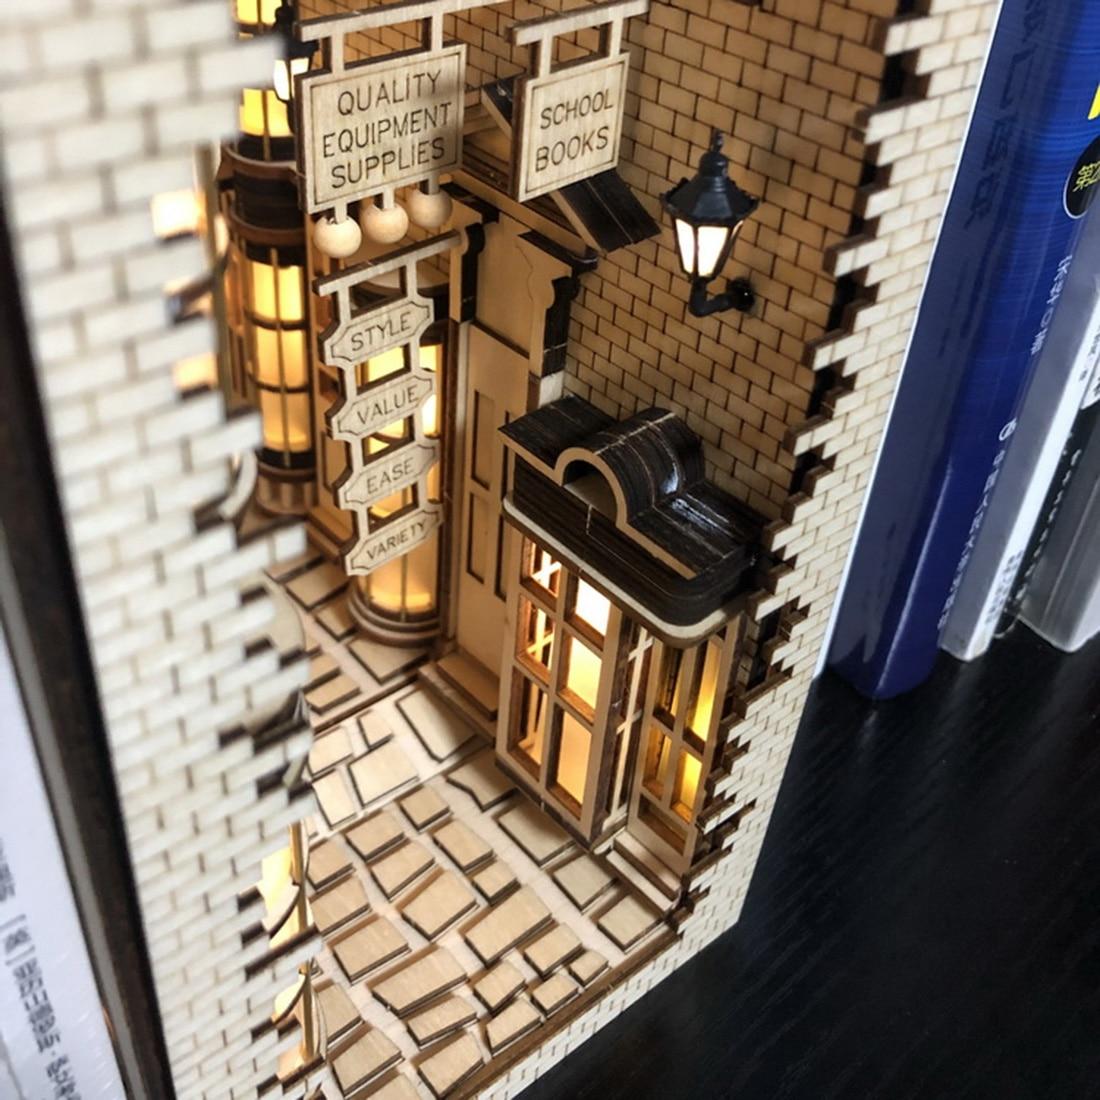 Hb7a0e1489e6e4b33a249b7b09fd034b3D - Robotime - DIY Models, DIY Miniature Houses, 3d Wooden Puzzle